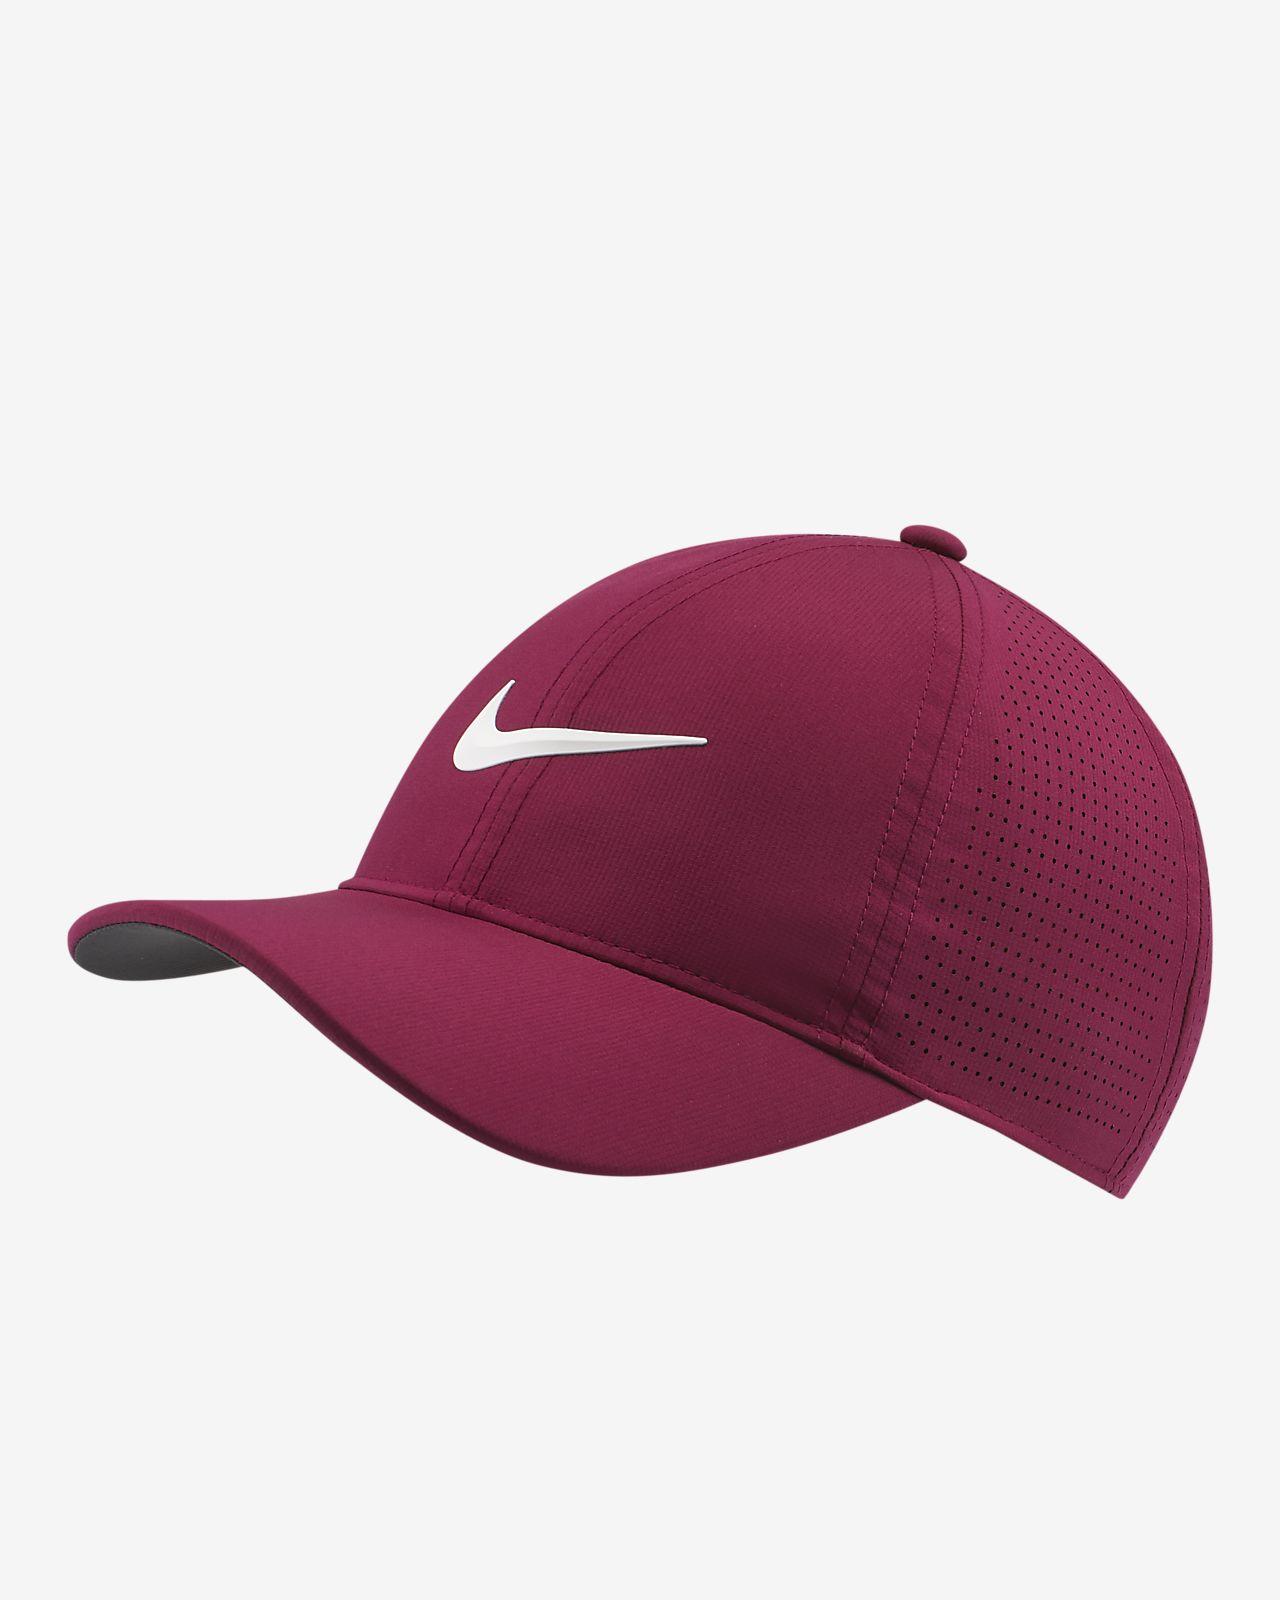 f07c6c7a2aae2 Nike AeroBill Legacy91 Women s Golf Hat. Nike.com